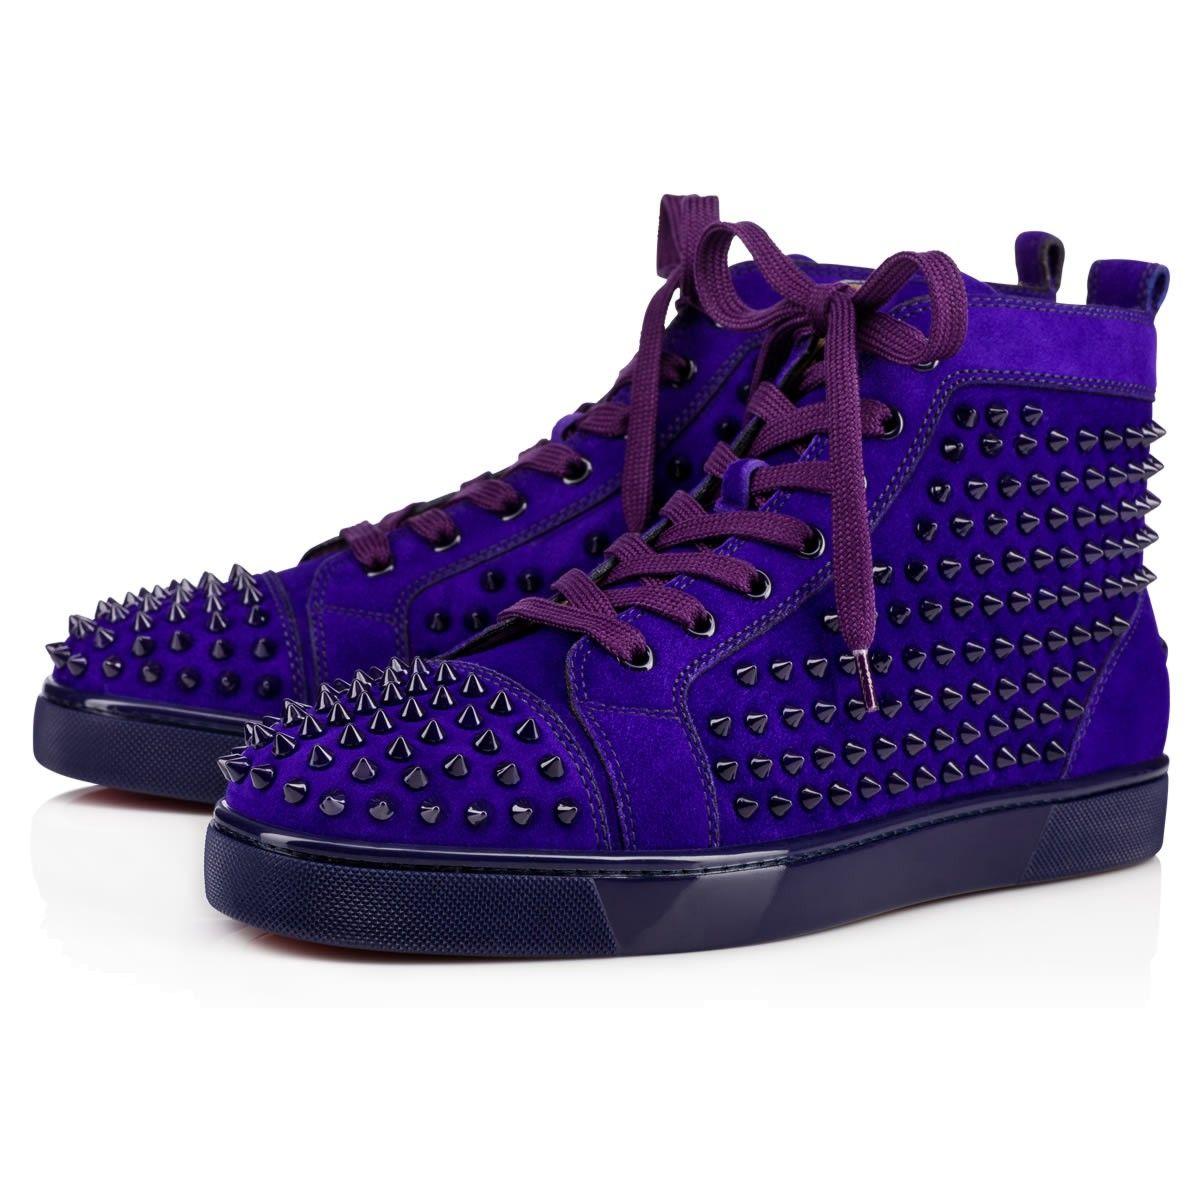 45e68f9c18a CHRISTIAN LOUBOUTIN Louis Veau Velours/Spikes Purple Pop Veau ...